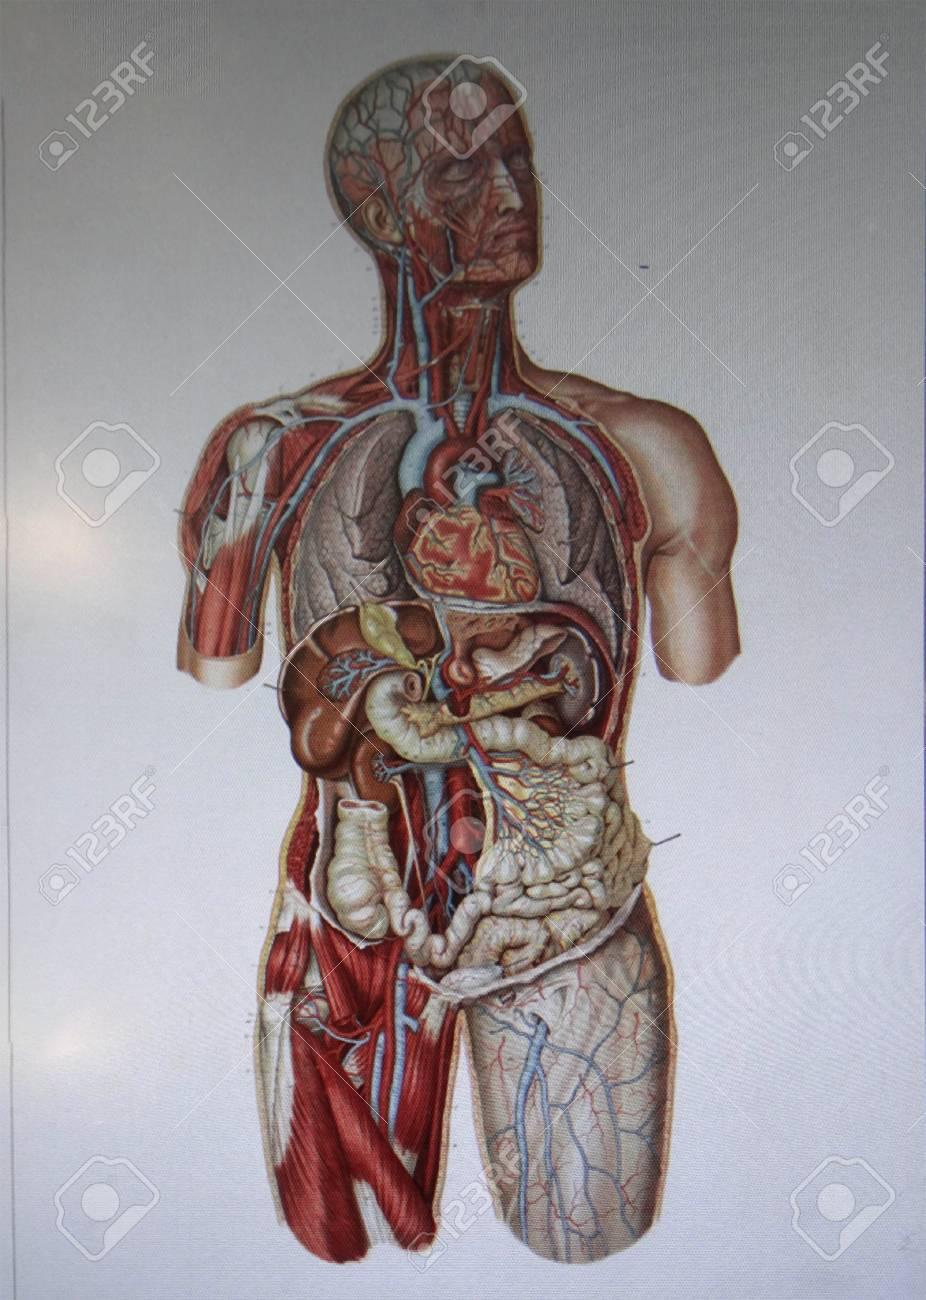 Geneva Switzerland Feb 24 2018 Human Anatomy Display At